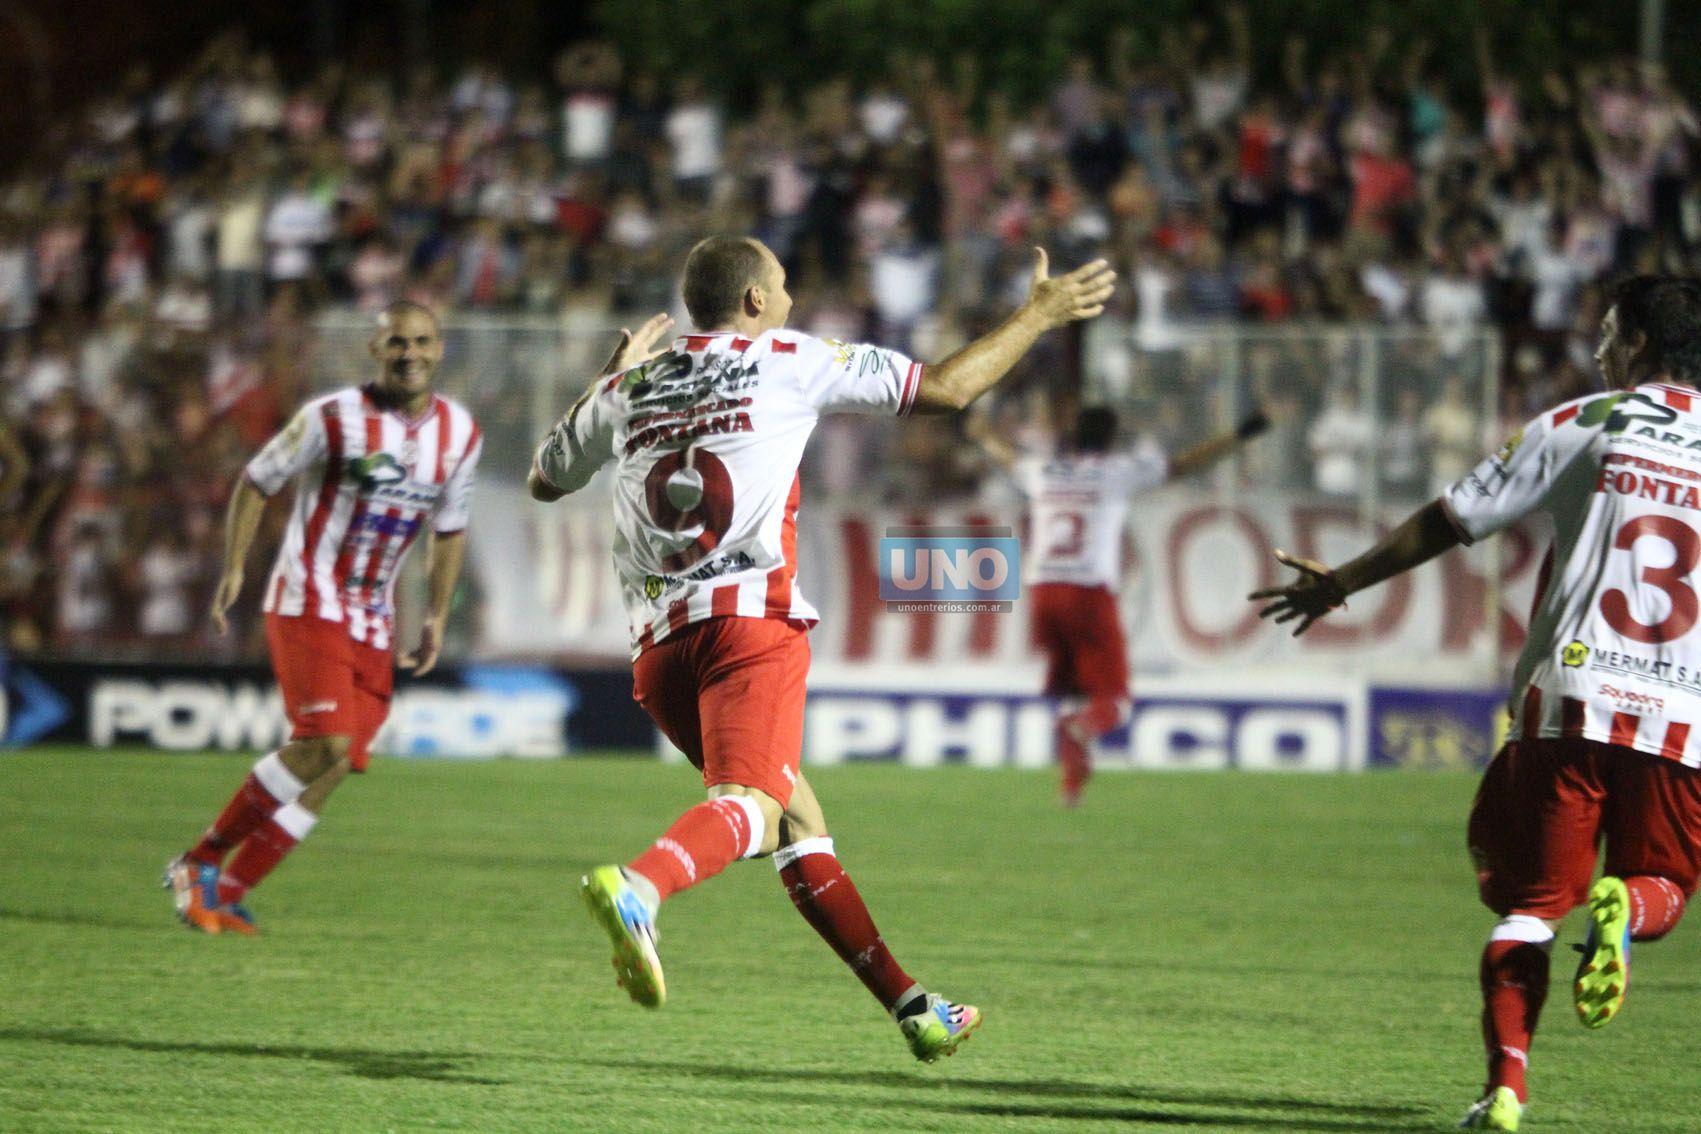 El jugador festeja el tanto de Atlético Paraná. Dejó una buena imagen. (Foto UNO/Diego Arias)